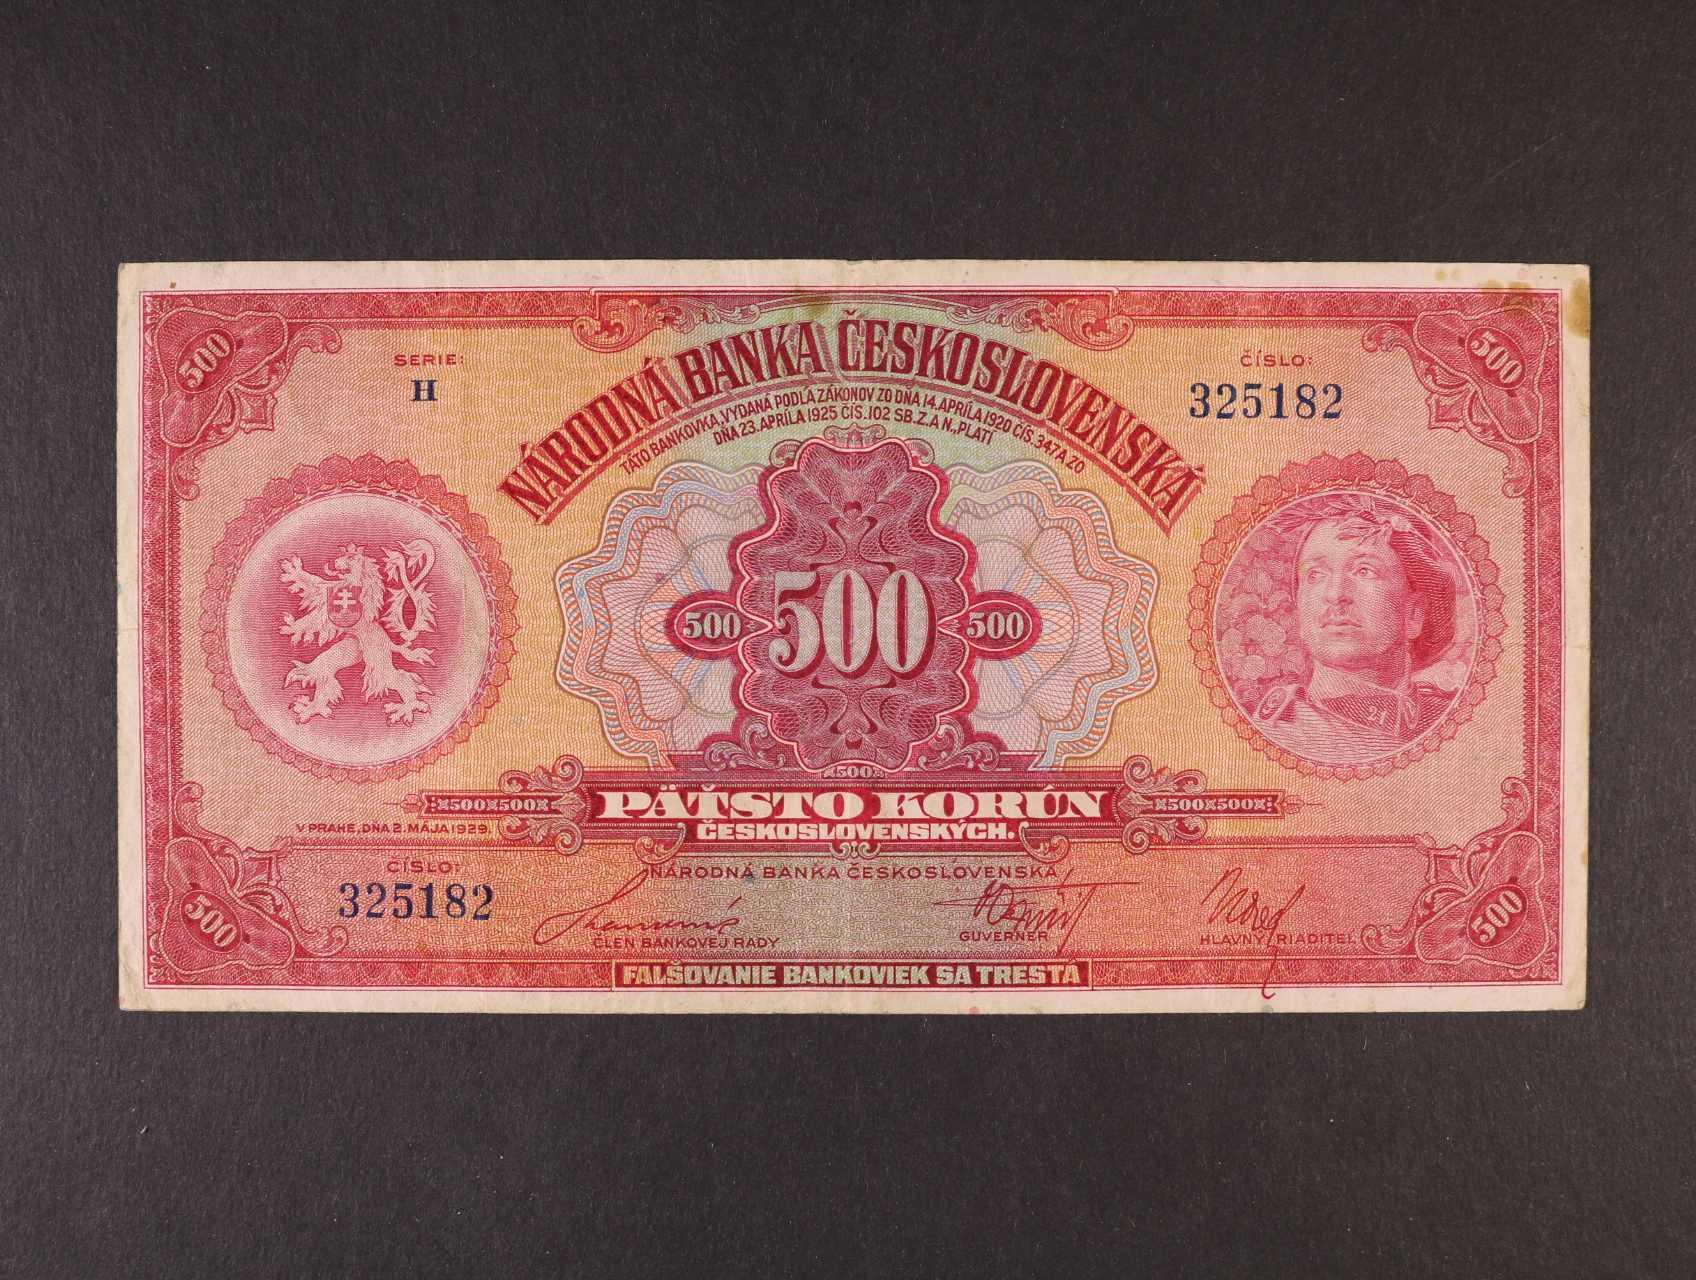 500 Kč 2.5.1929 série H, Ba. 23c, Pi. 24a